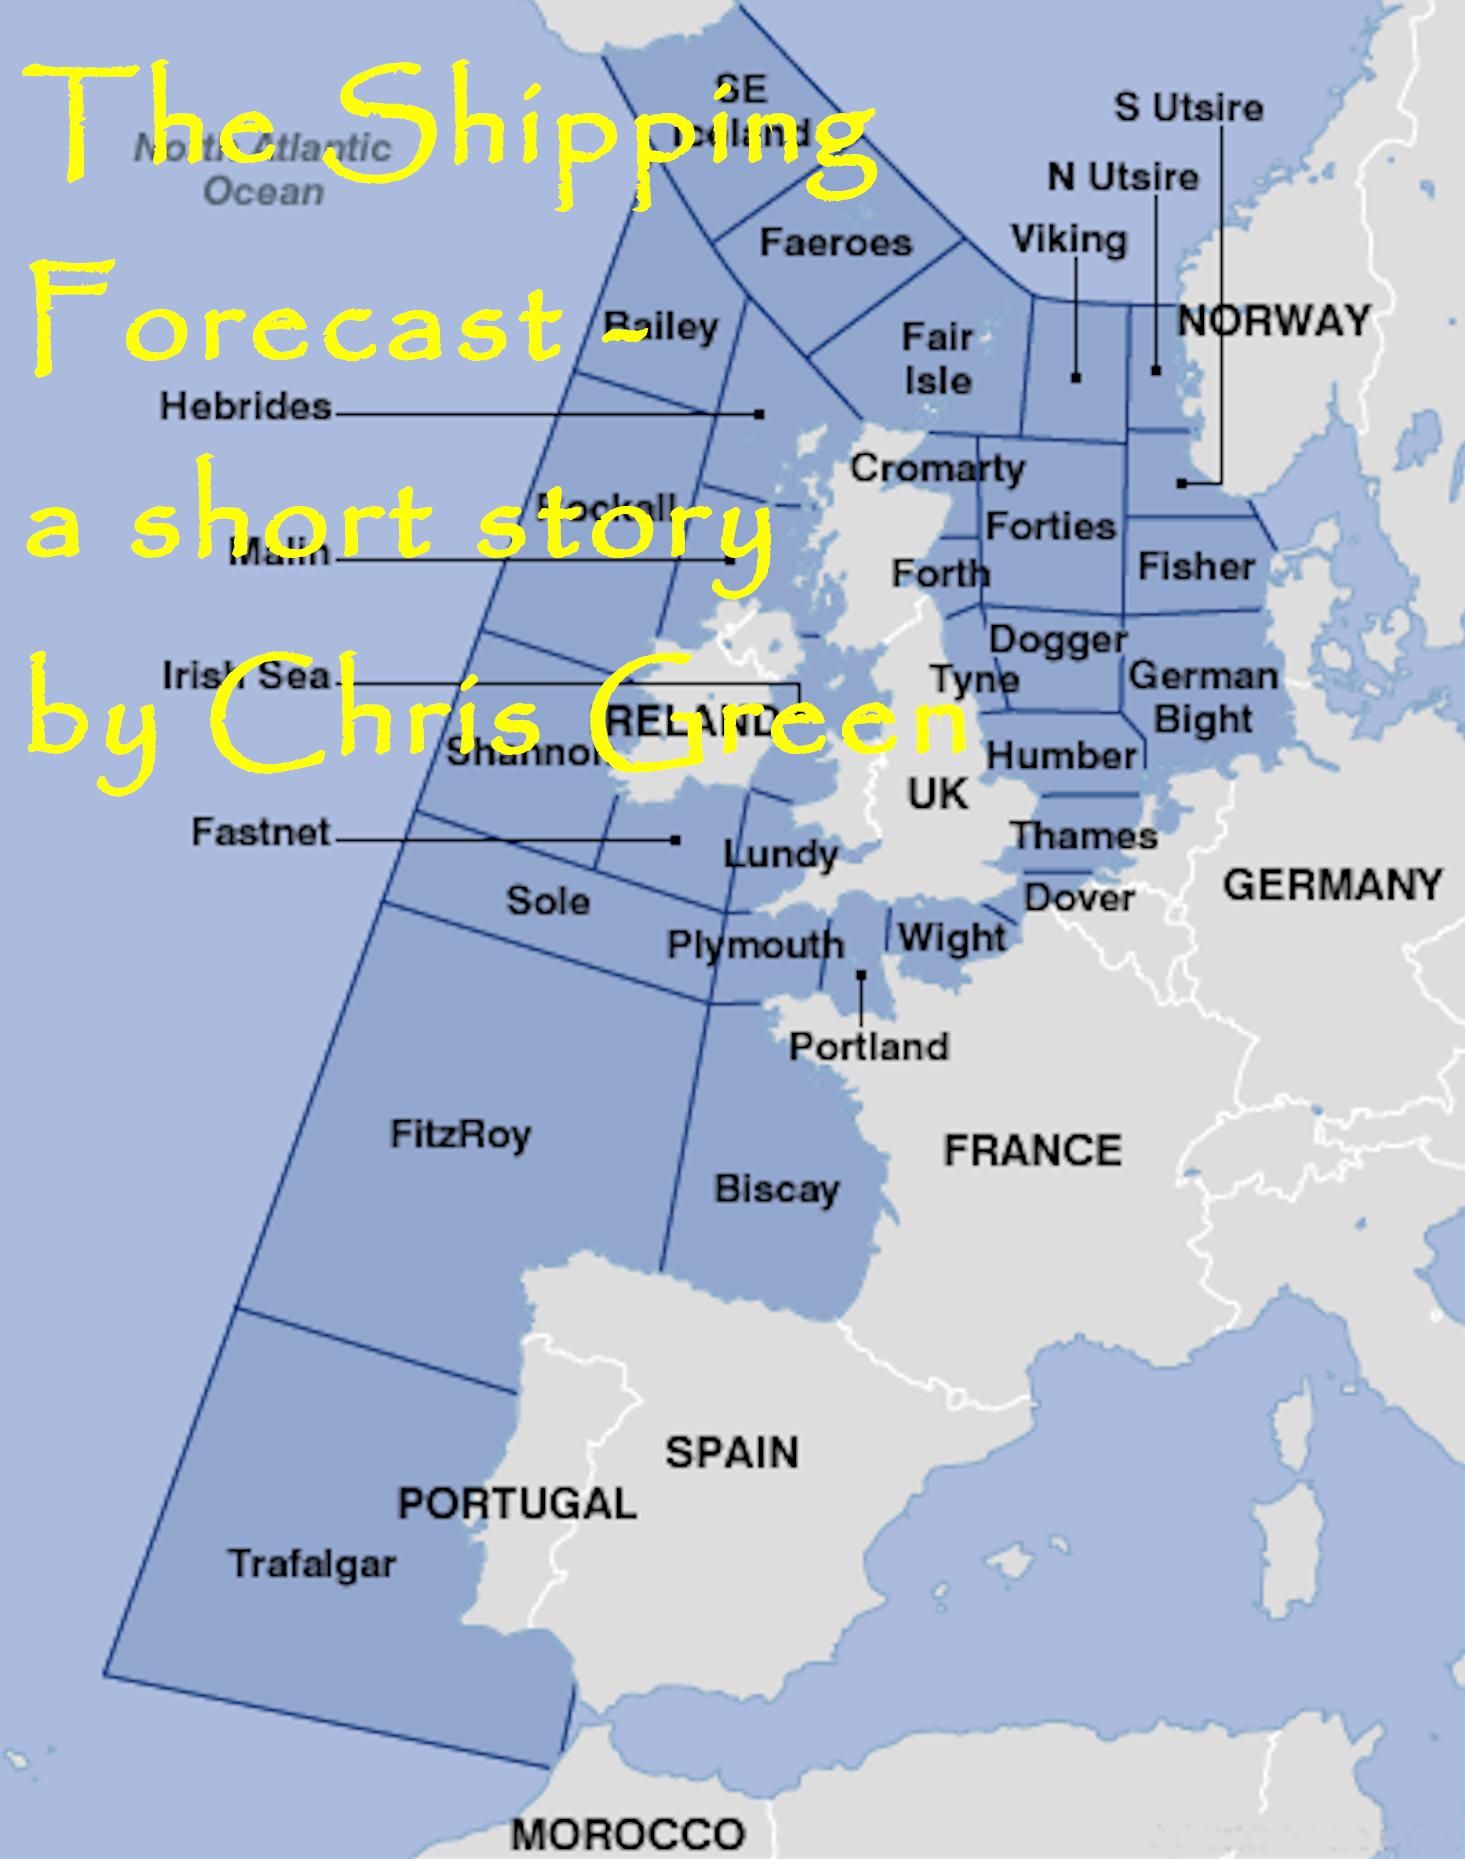 theshippingforecast